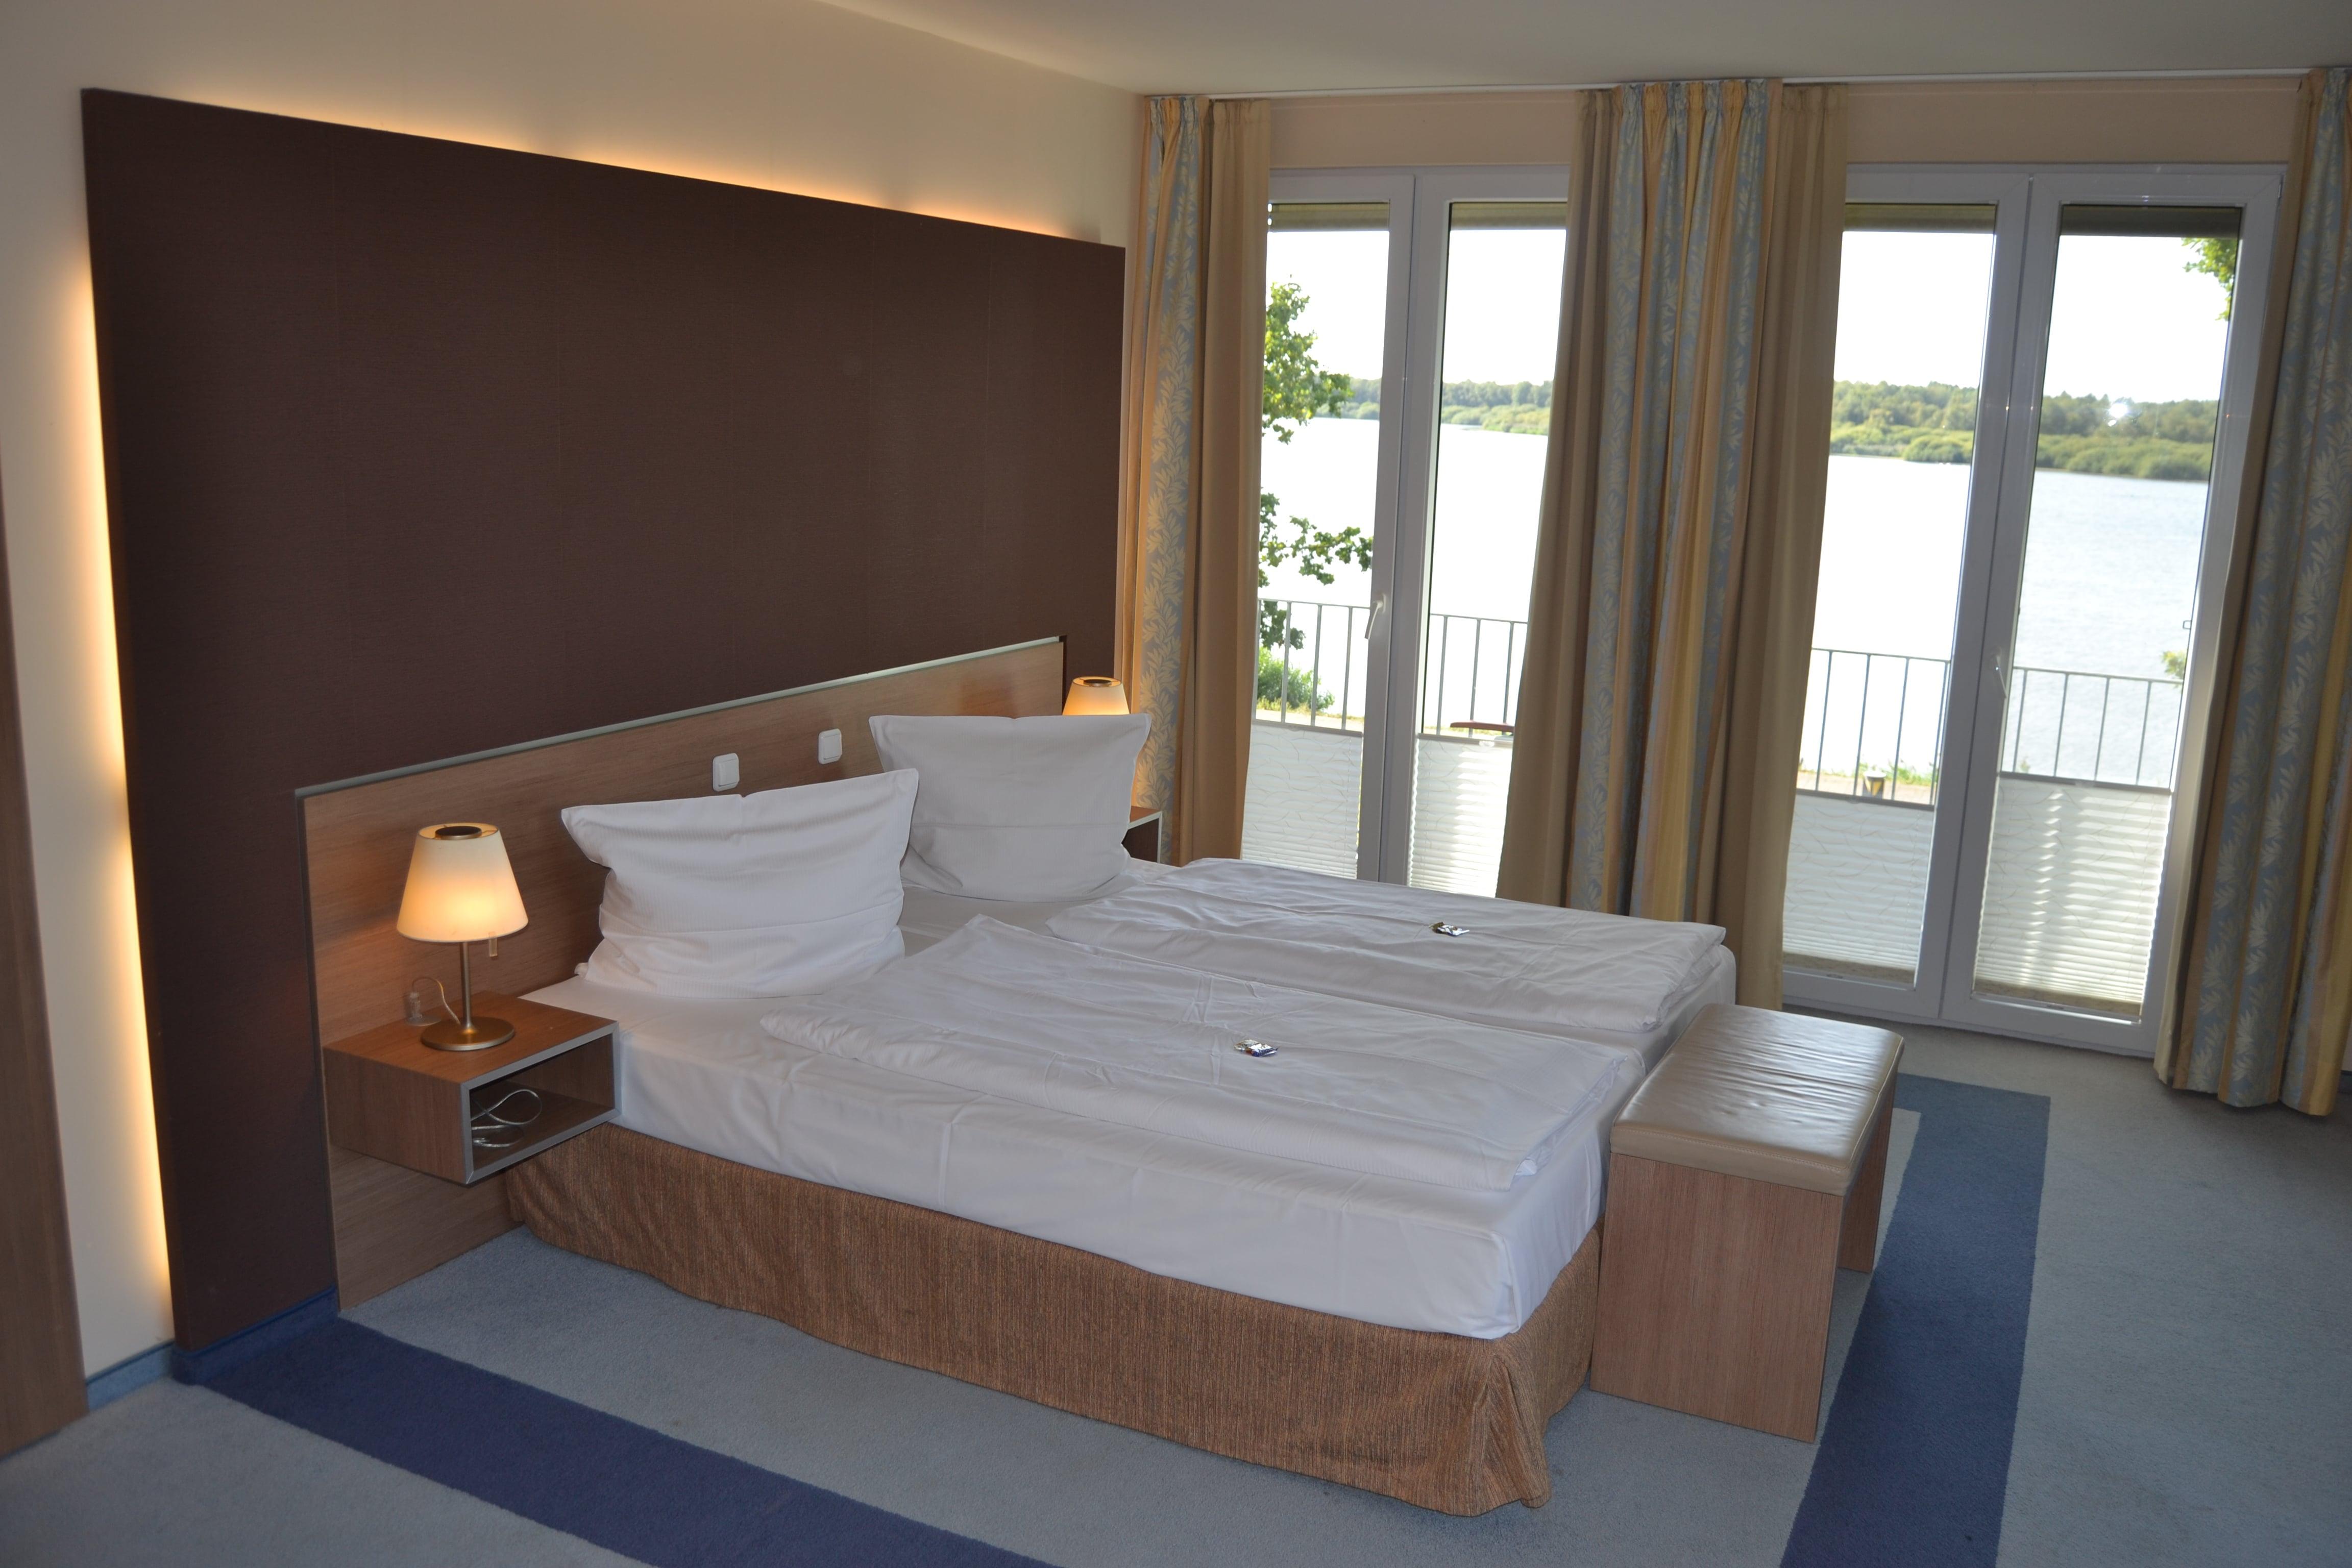 Unsere Ecksuite - Schlafbereich mit Seeblick